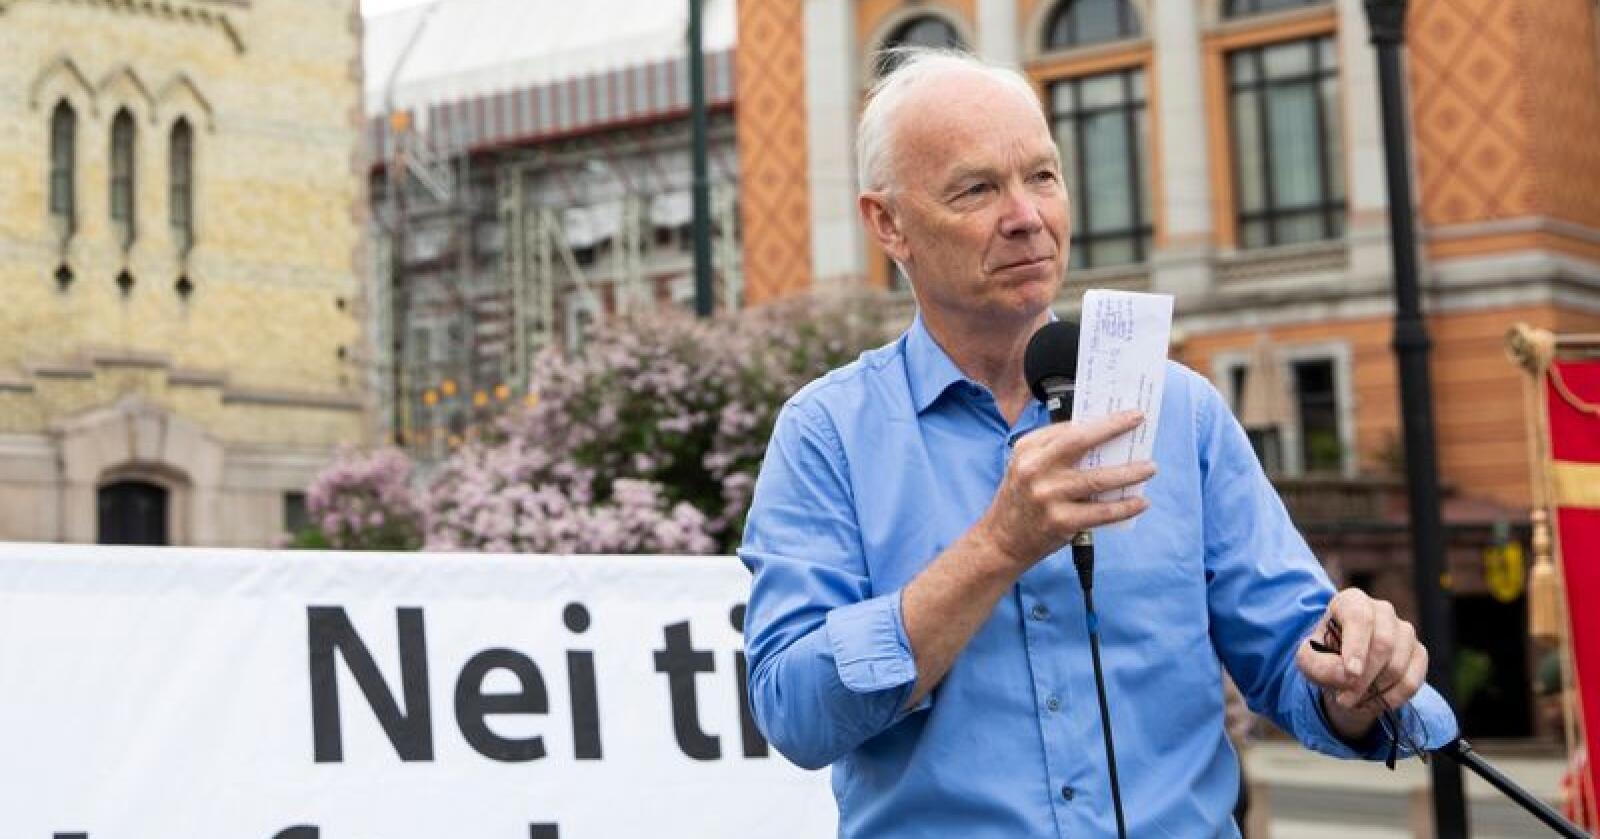 67 prosent seier nei til norsk medlemskap i EU. Per Olaf Lundteigen fra Senterpartier seier arbeidslivspolitikken er ein del av årsaken.  Foto: Tore Meek / NTB scanpix